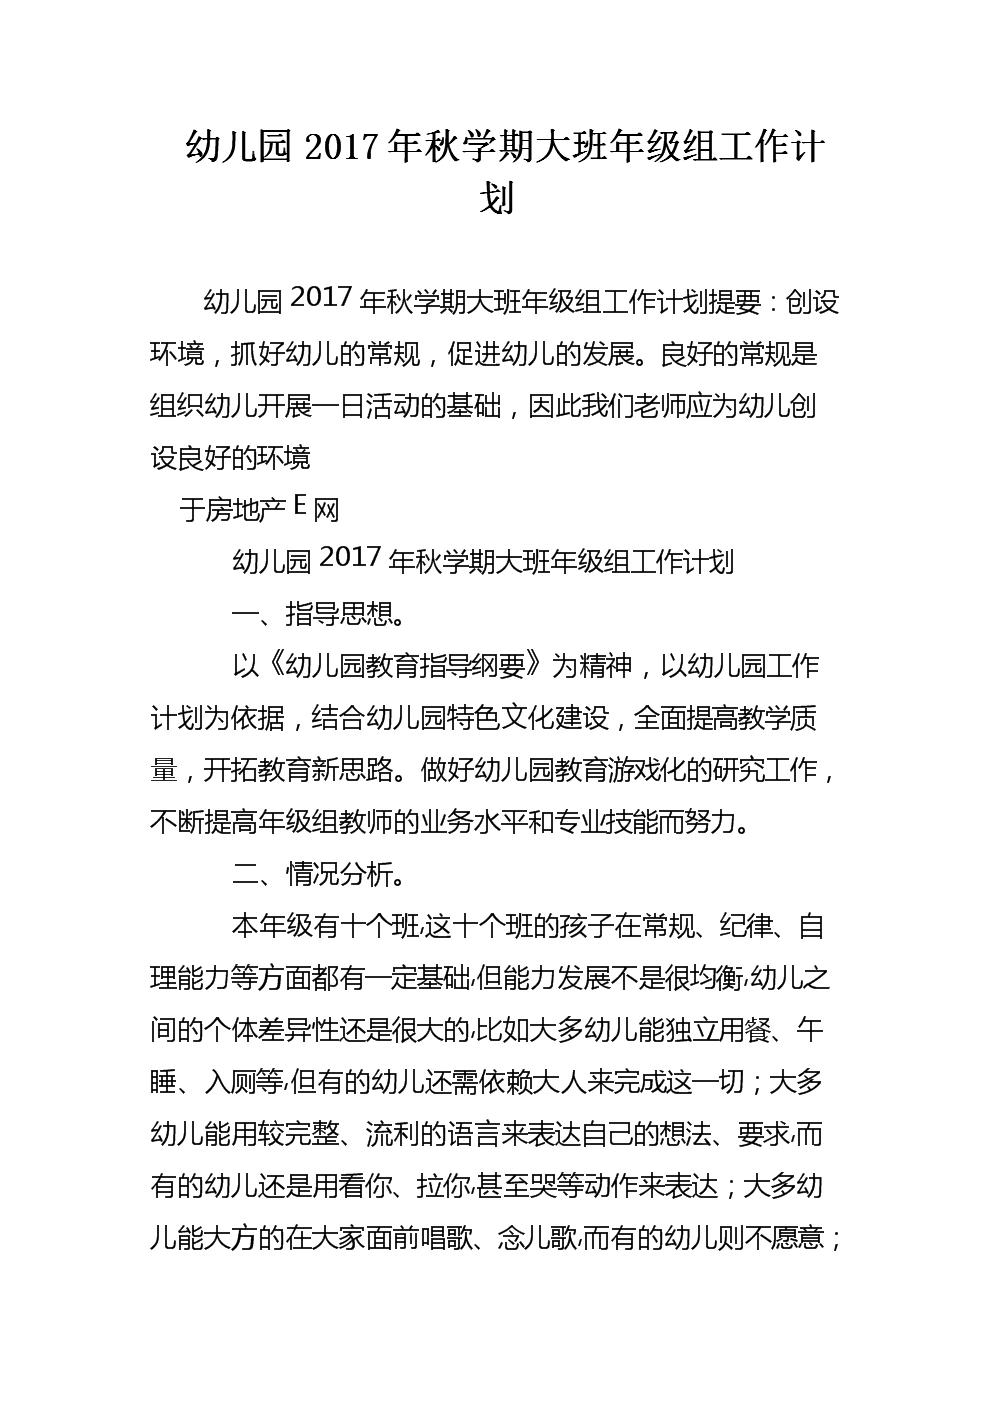 幼儿园2017年秋学期大班年级组工作计划.doc